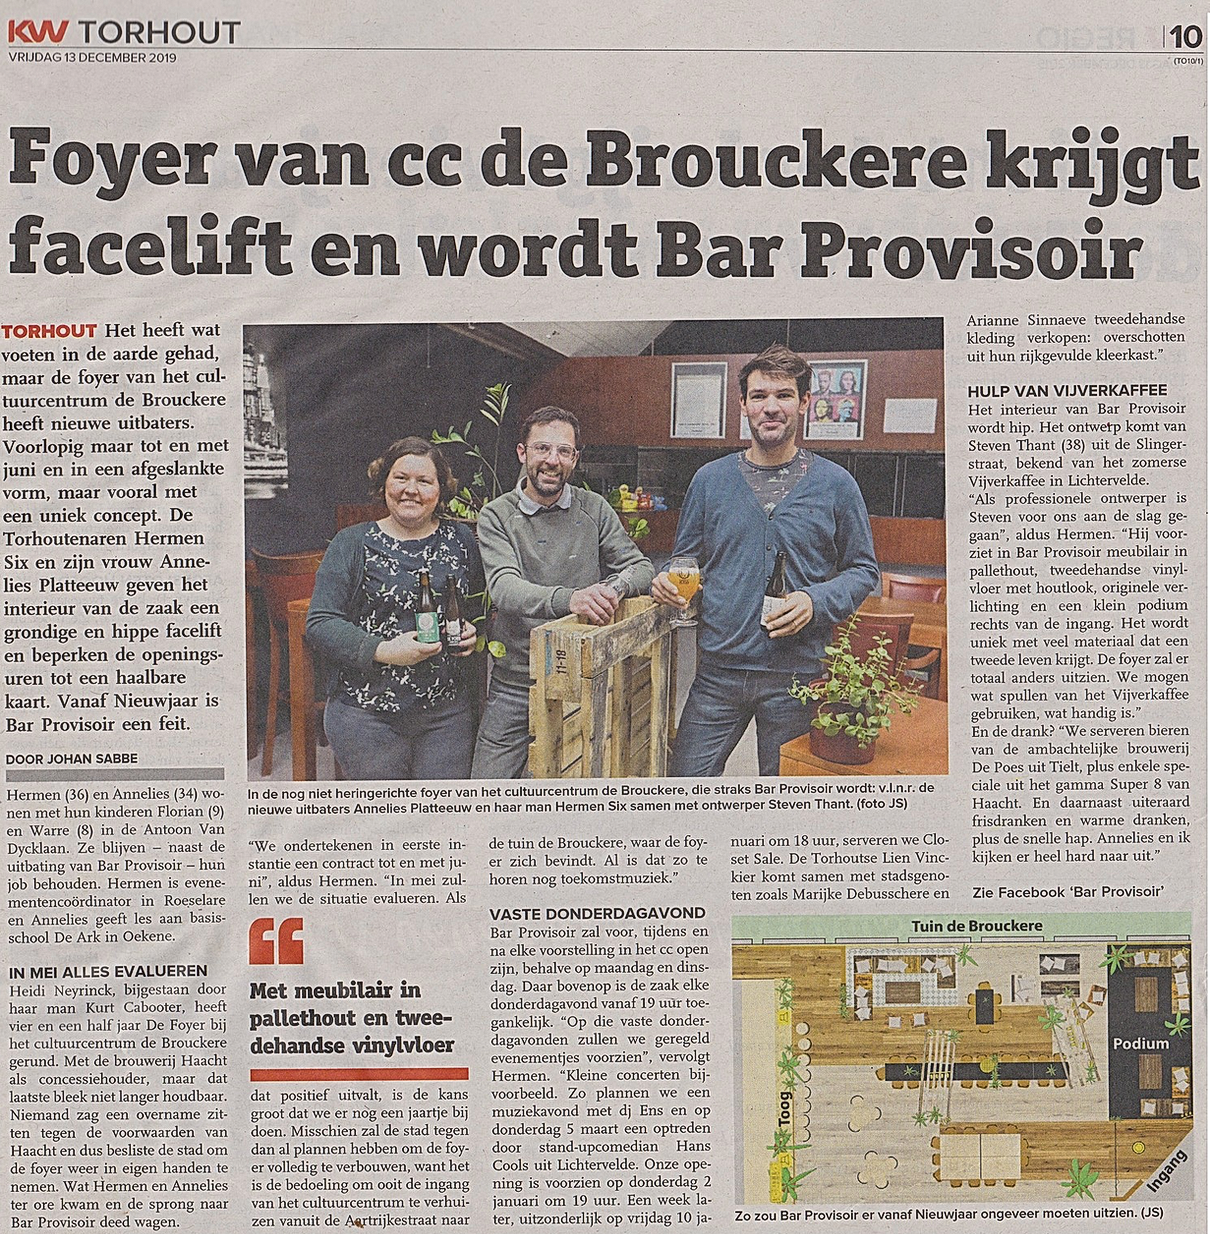 pers bar provisoir 20191213.png